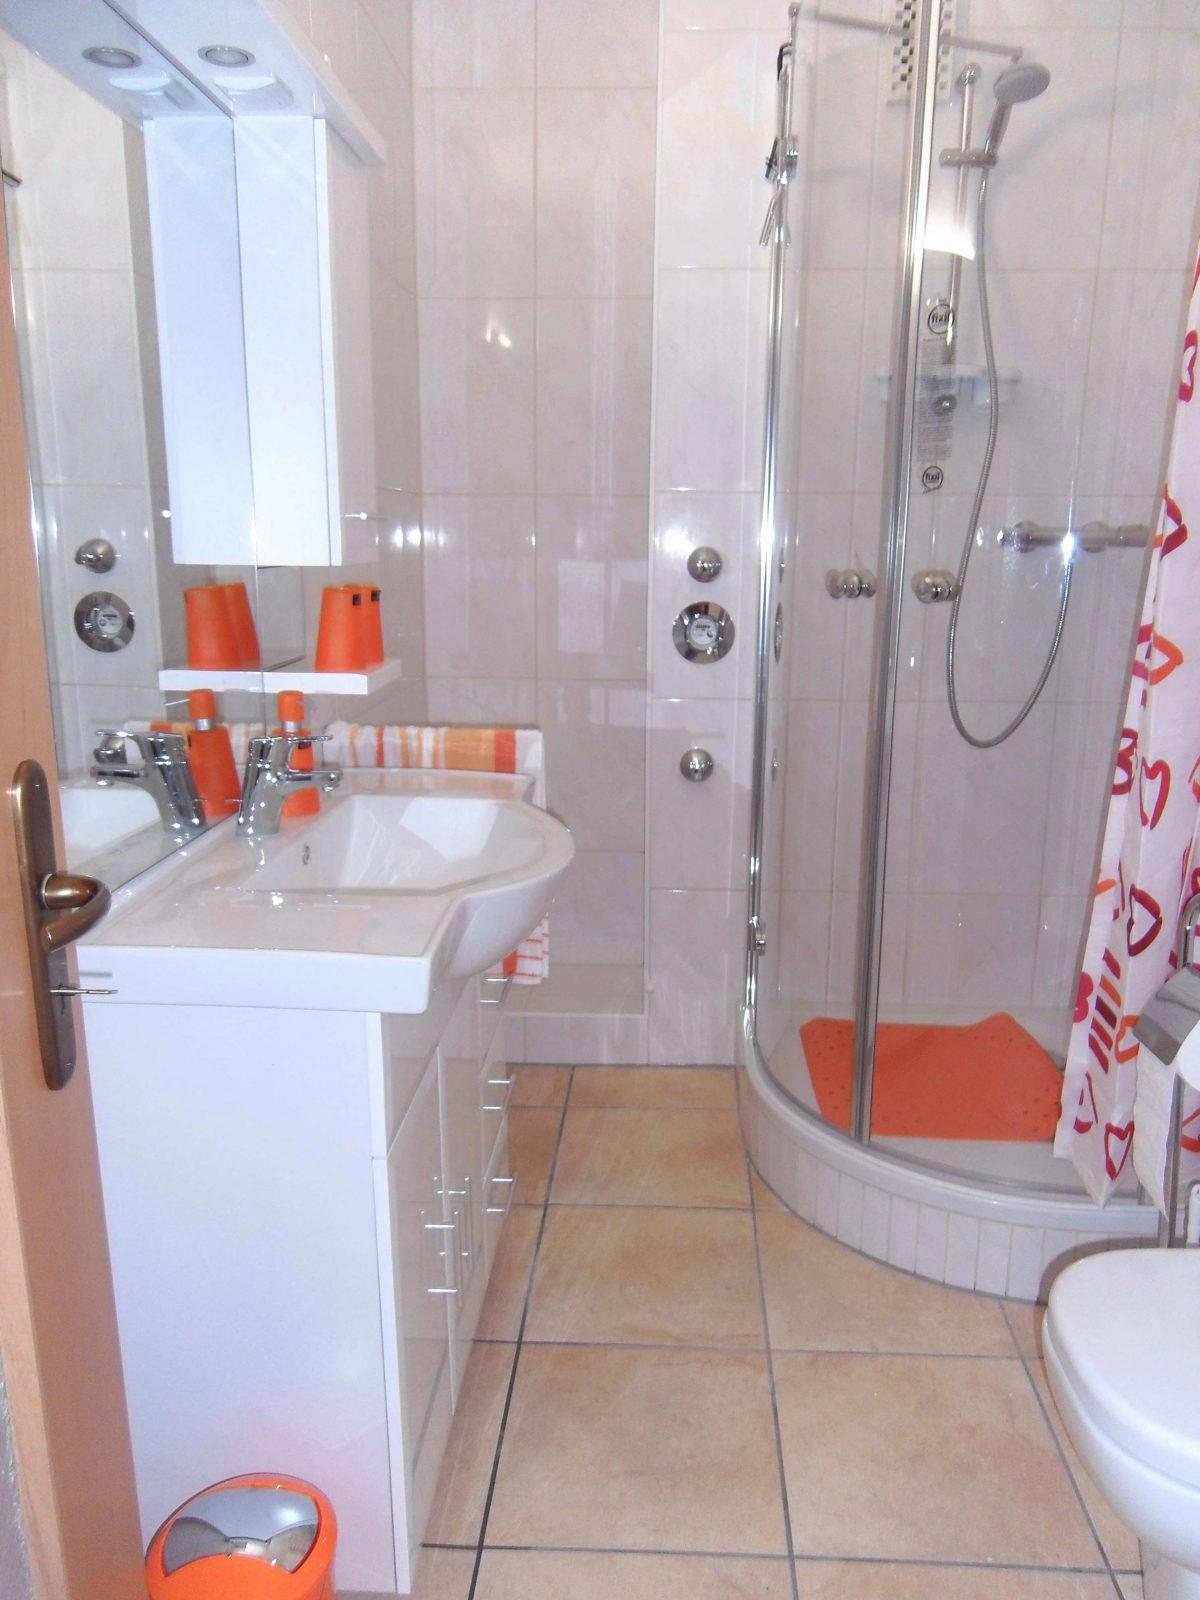 Altes Badezimmer Aufpeppen Vorher Nachher Bilder Schön Altes Bad von Altes Badezimmer Aufpeppen Vorher Nachher Bilder Photo